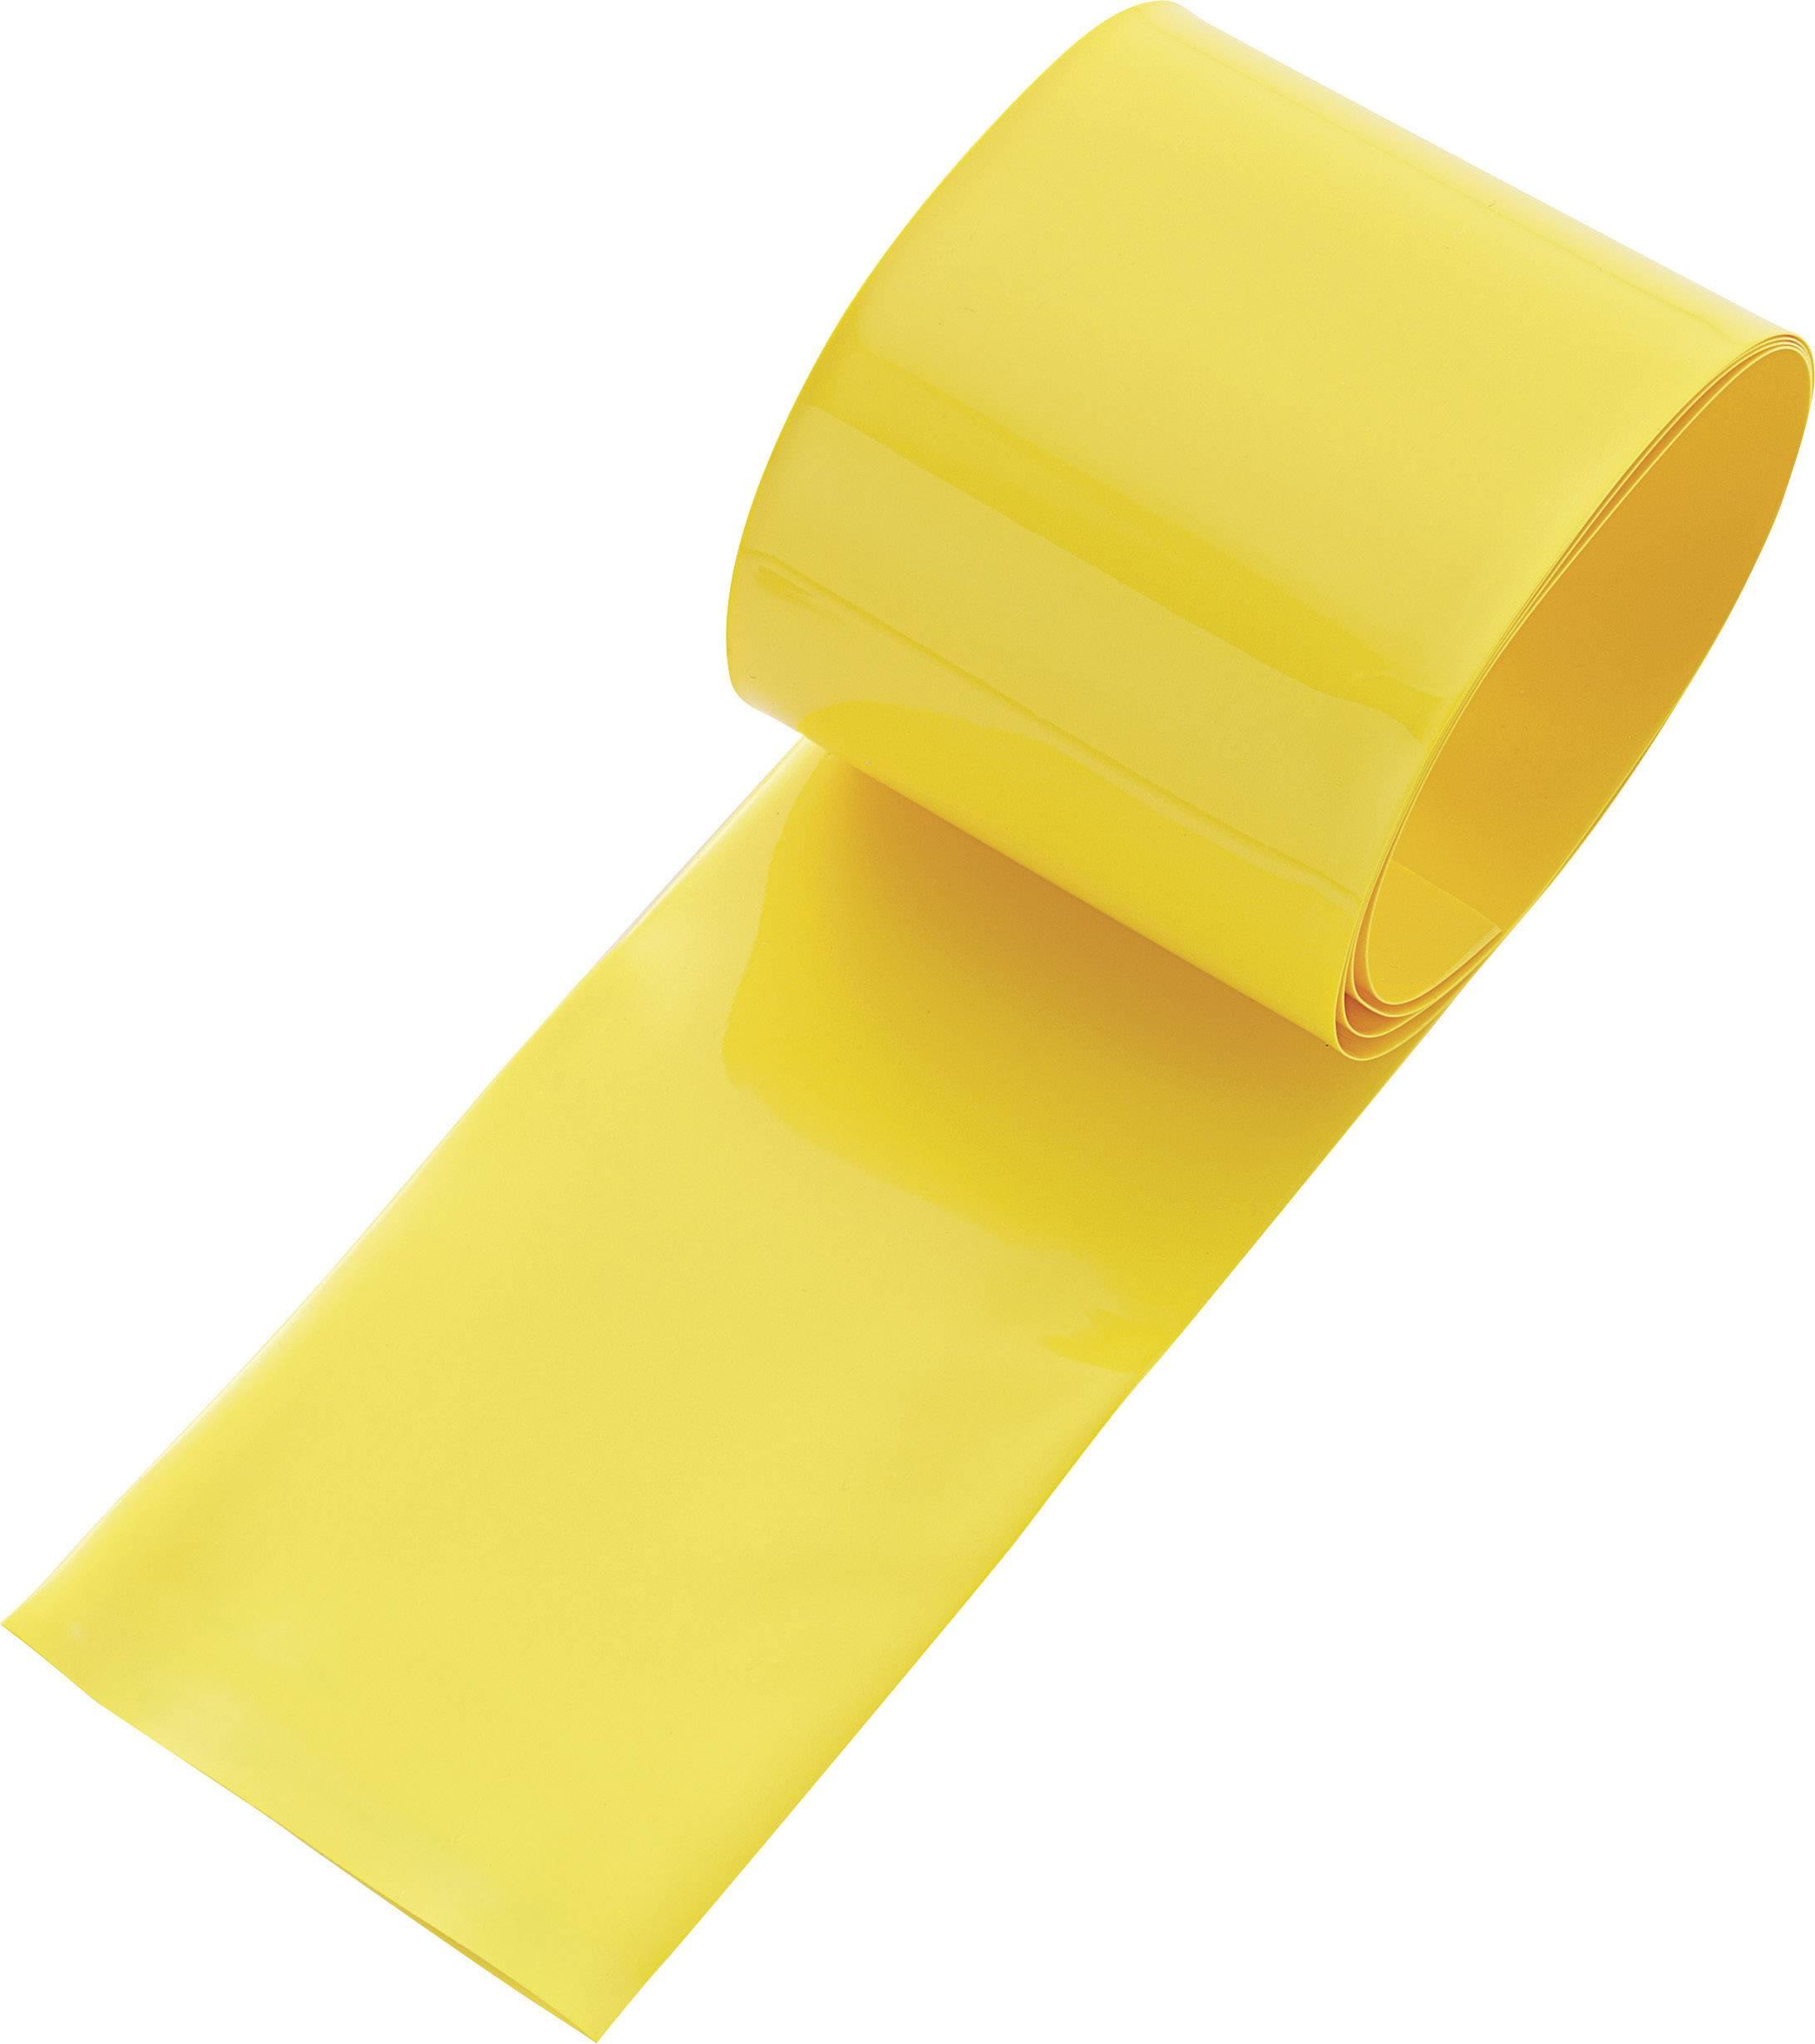 Smršťovací bužírka na akumulátory, bez lepidla TRU COMPONENTS 93014c85c, 48 mm, žlutá, 1 ks